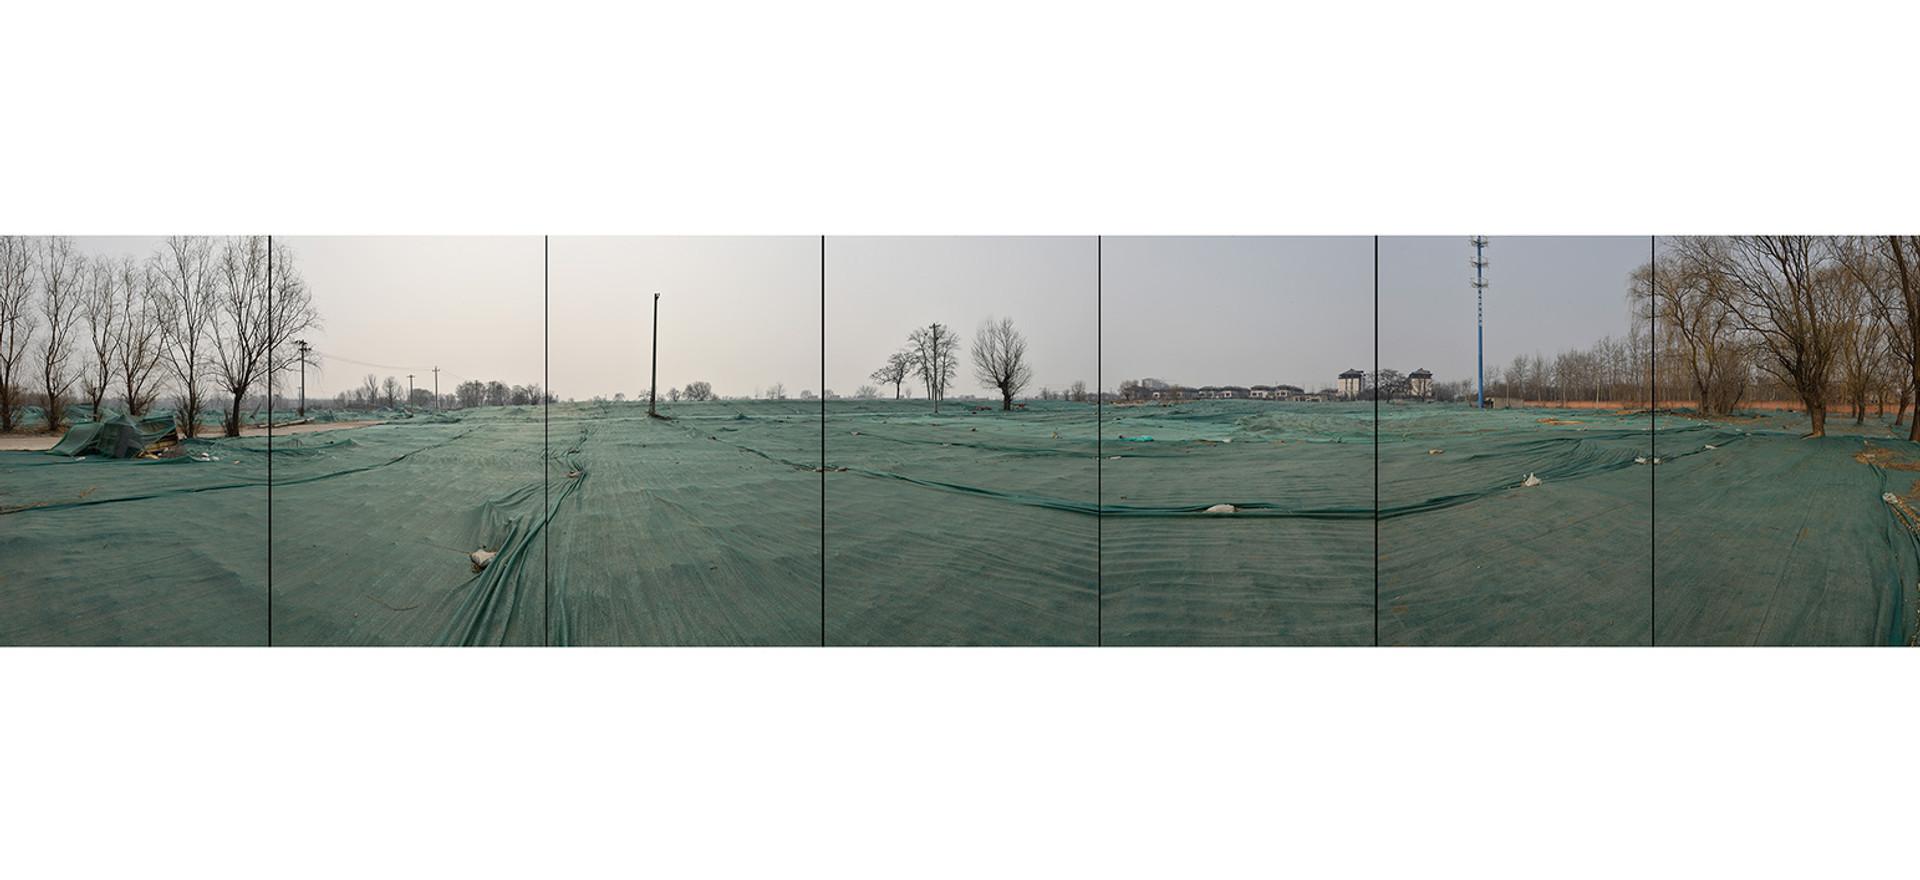 北京废墟23.jpg